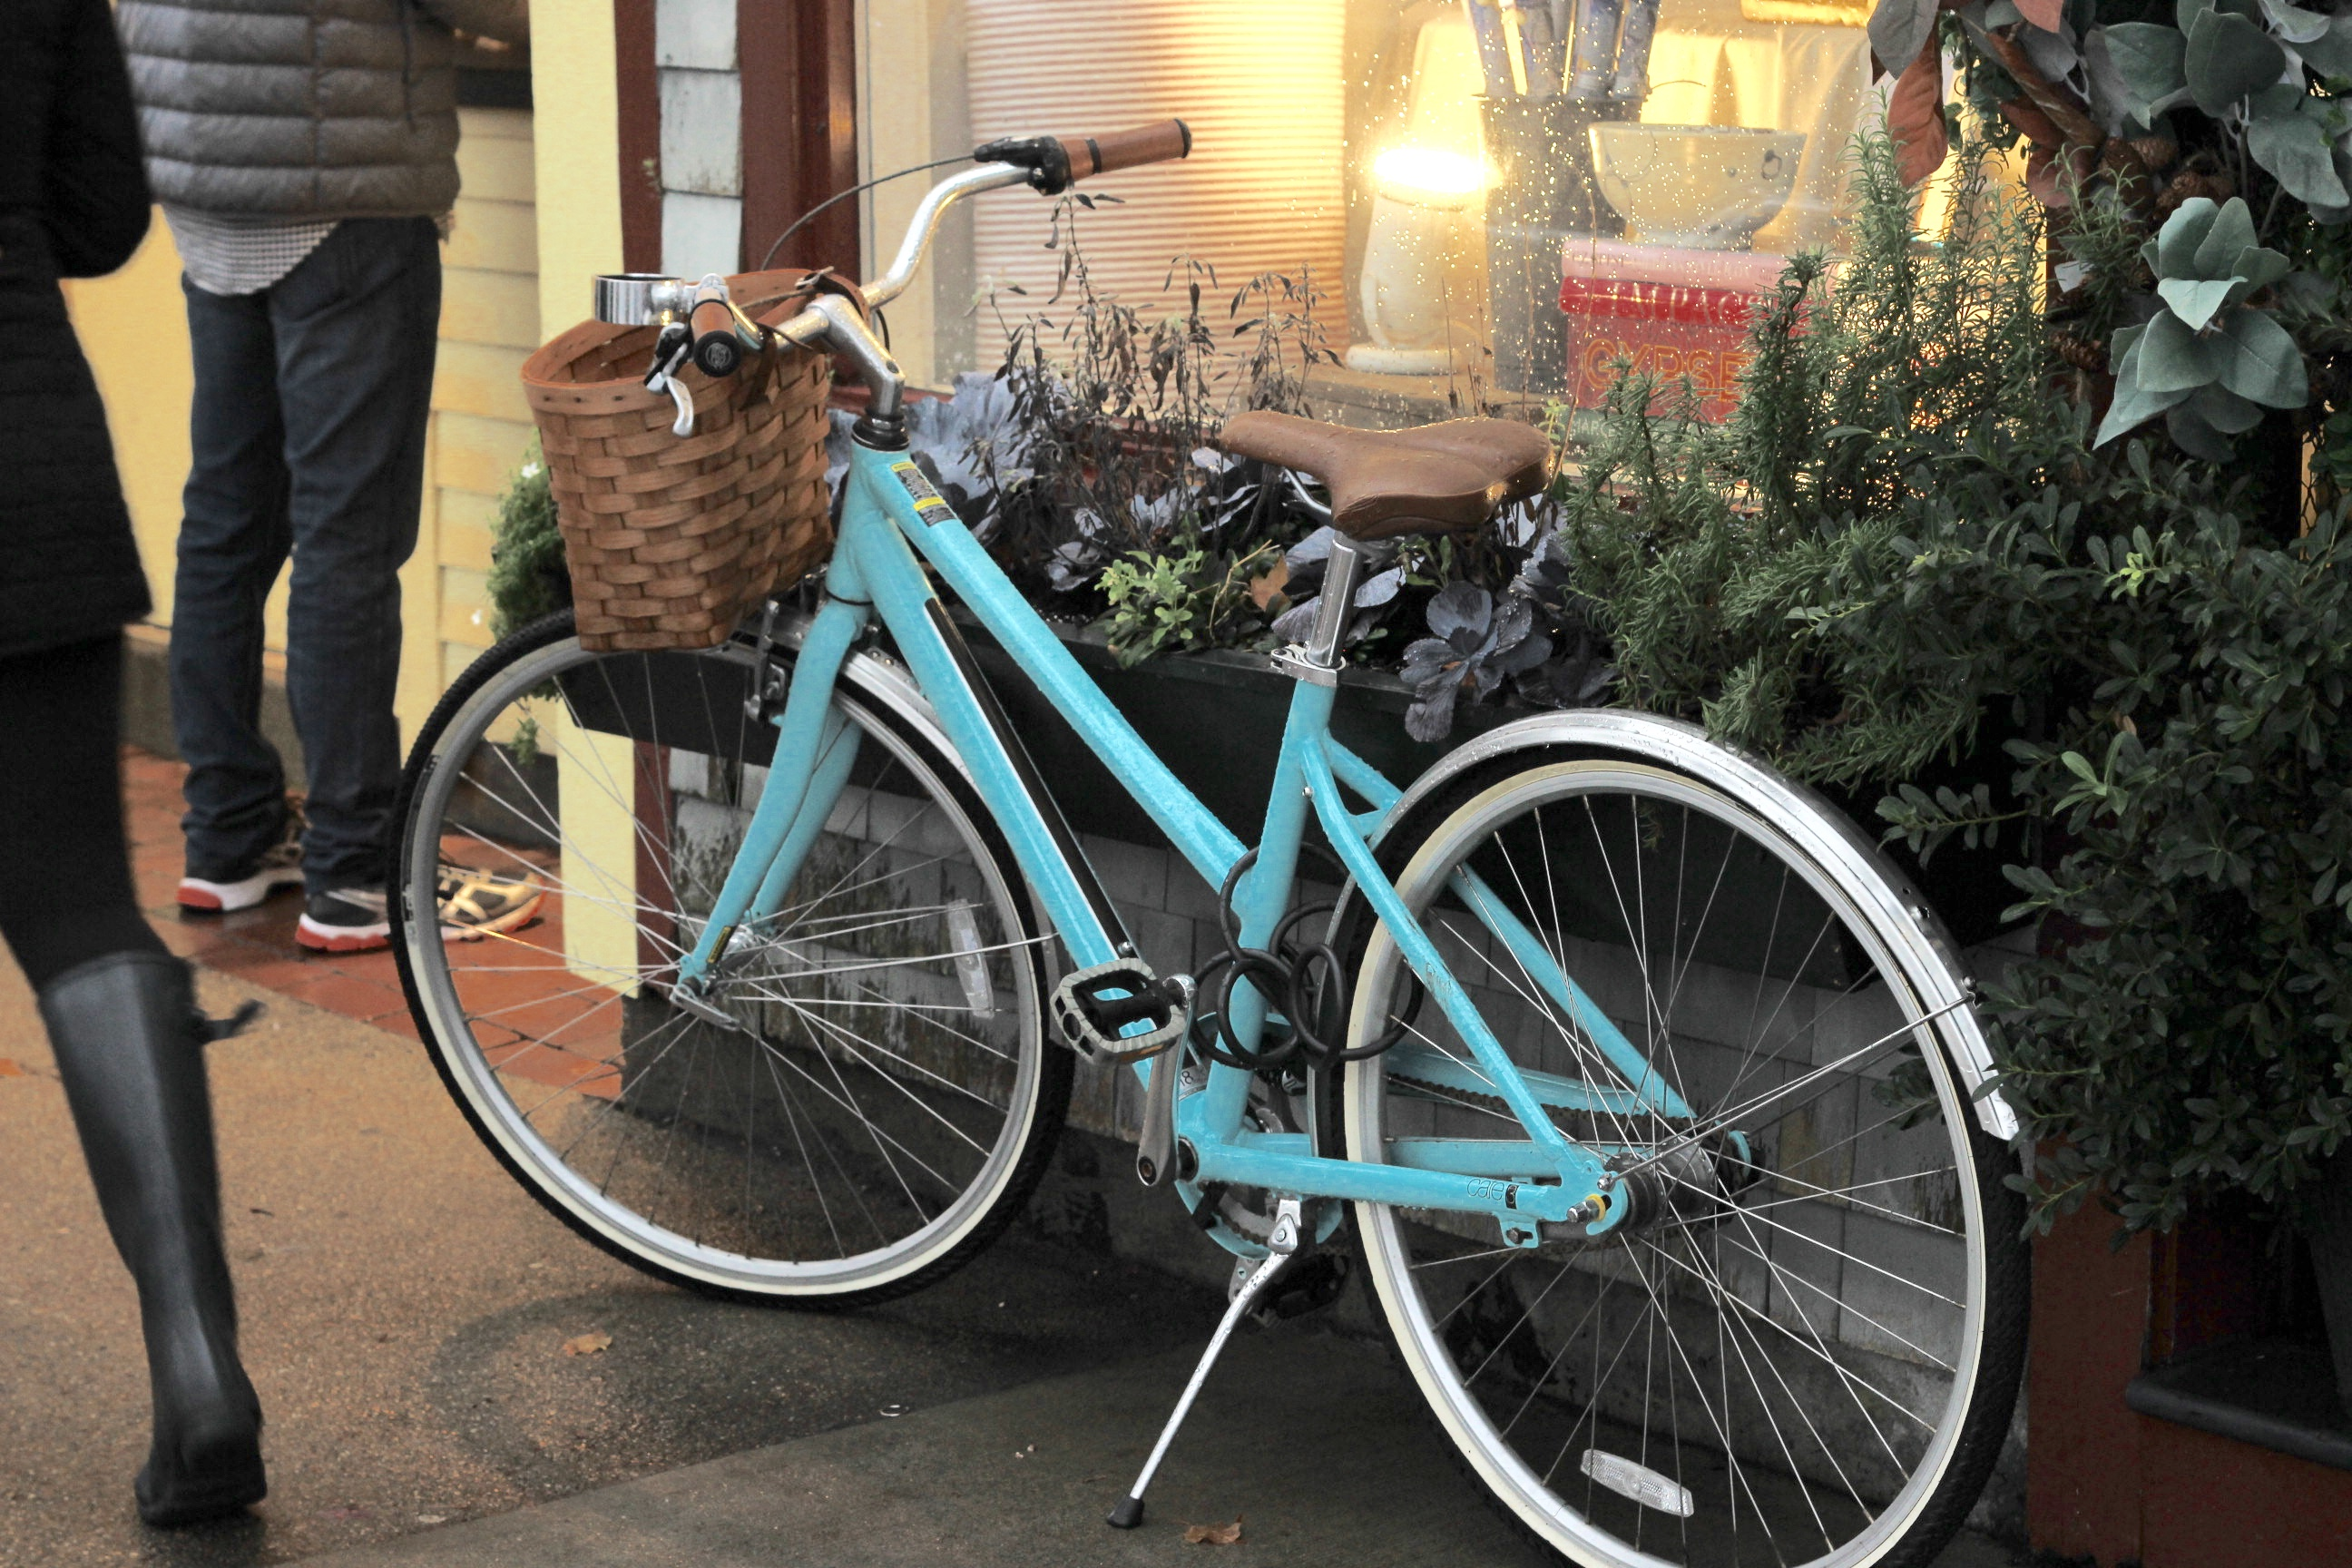 Kho ảnh miễn phí về hạt, xe đạp màu ngọc lam, xe đạp màu xanh